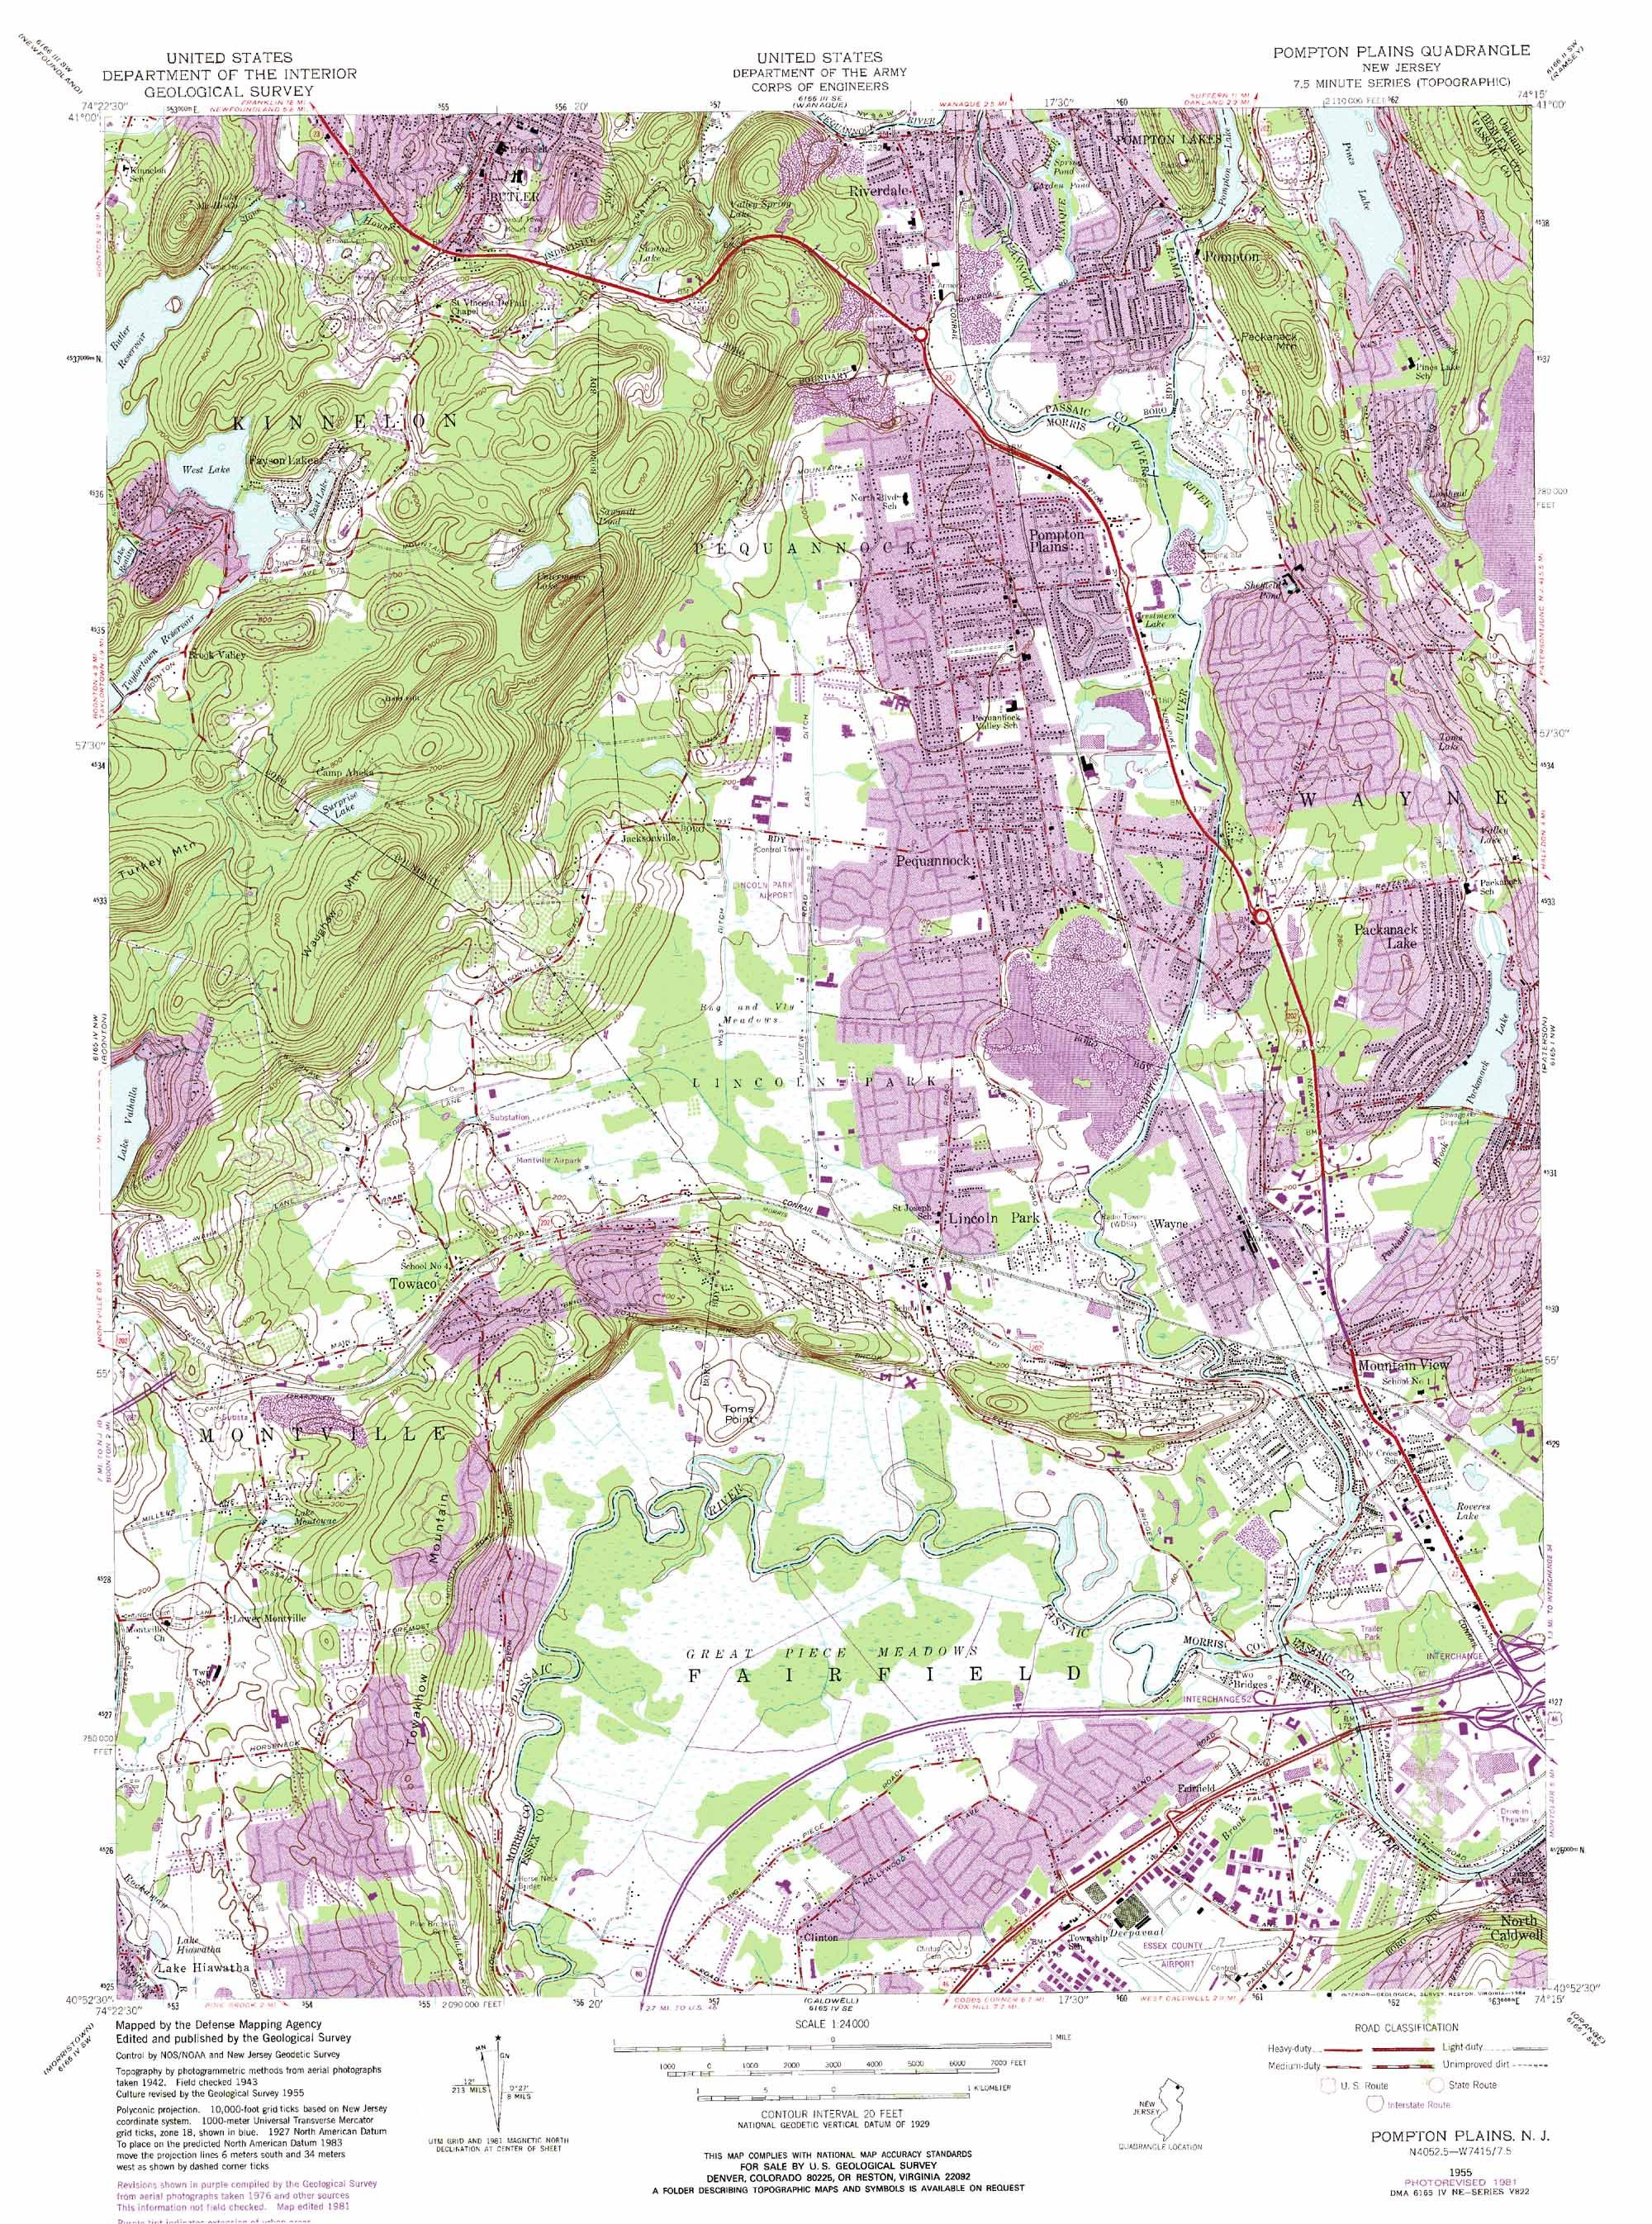 Usgs Quadrangle Maps World Map - Usgs quad maps